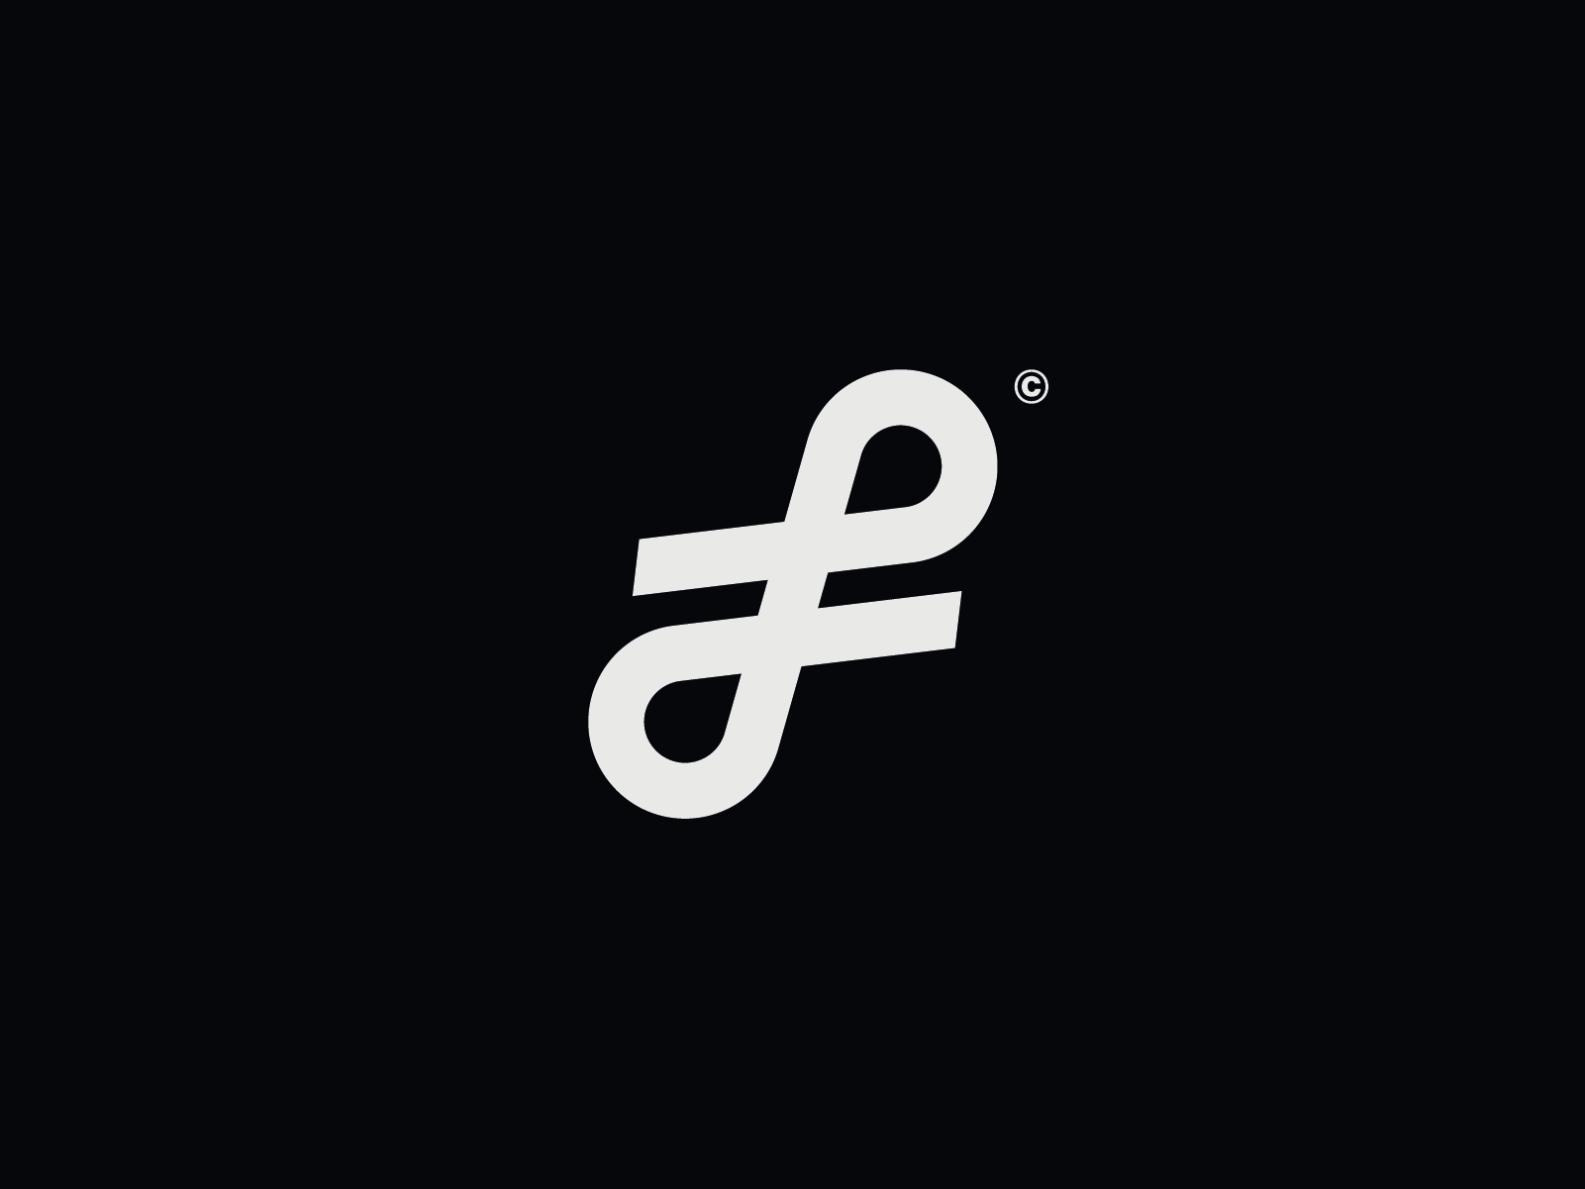 Ww006 Letter F Logo Lettering Letter Logo Design Logo Design